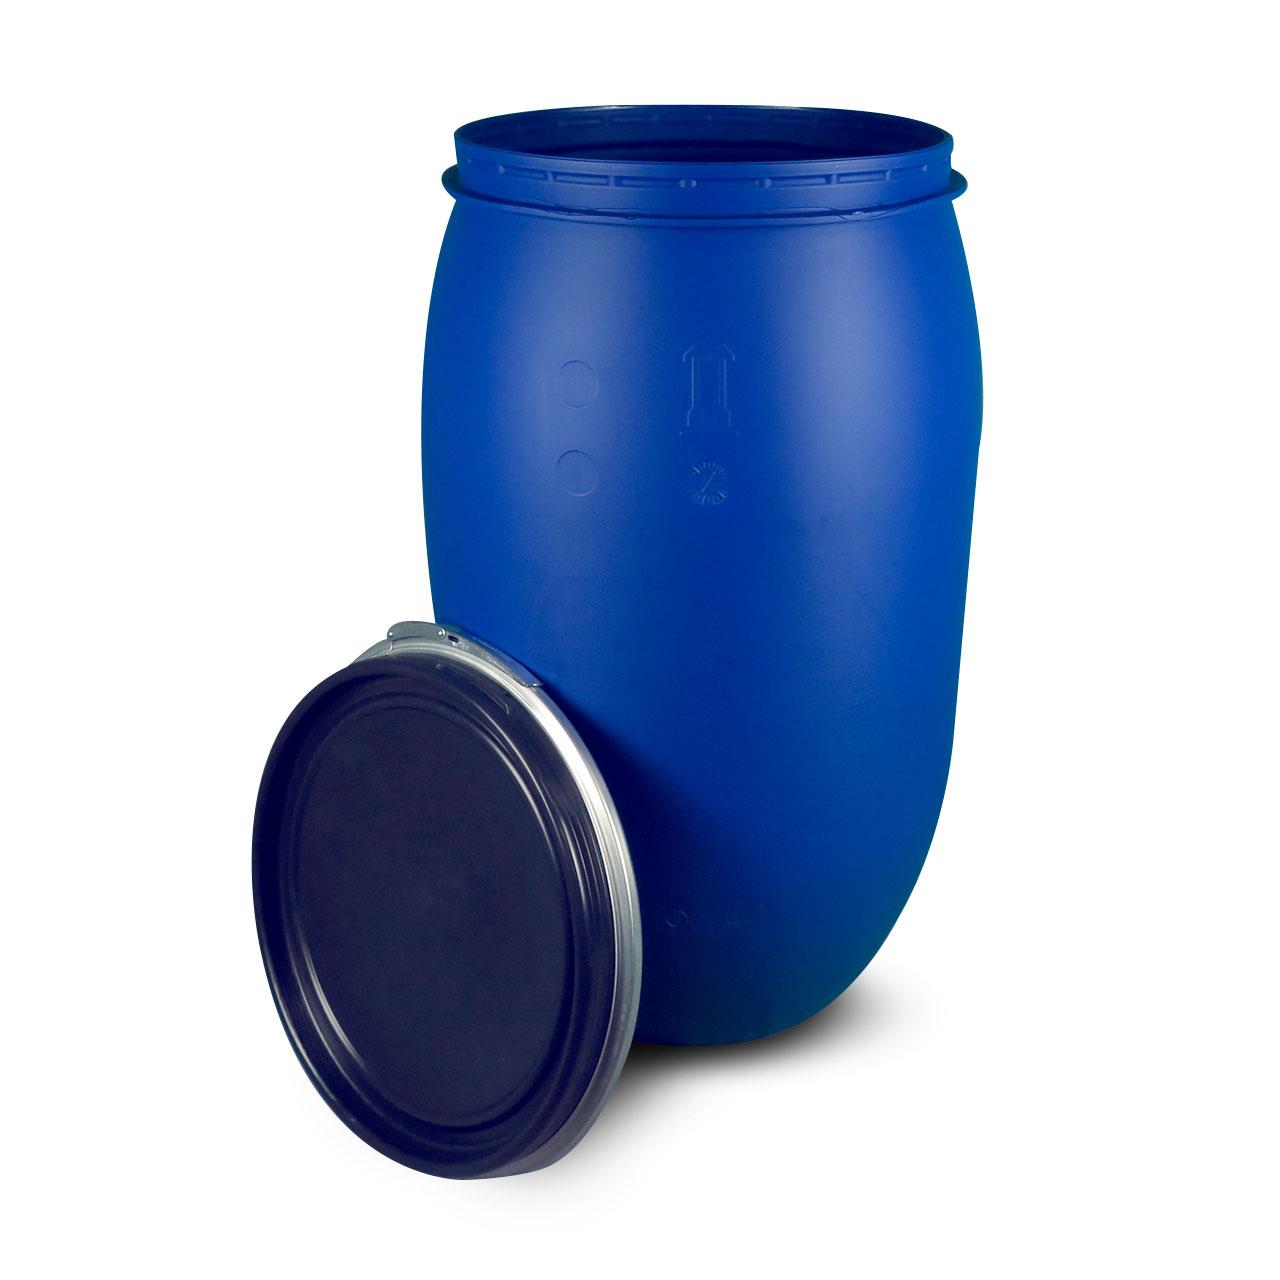 220 L Kunststoffdeckelfass, blau, STANDARD, lebensmittelecht, UN